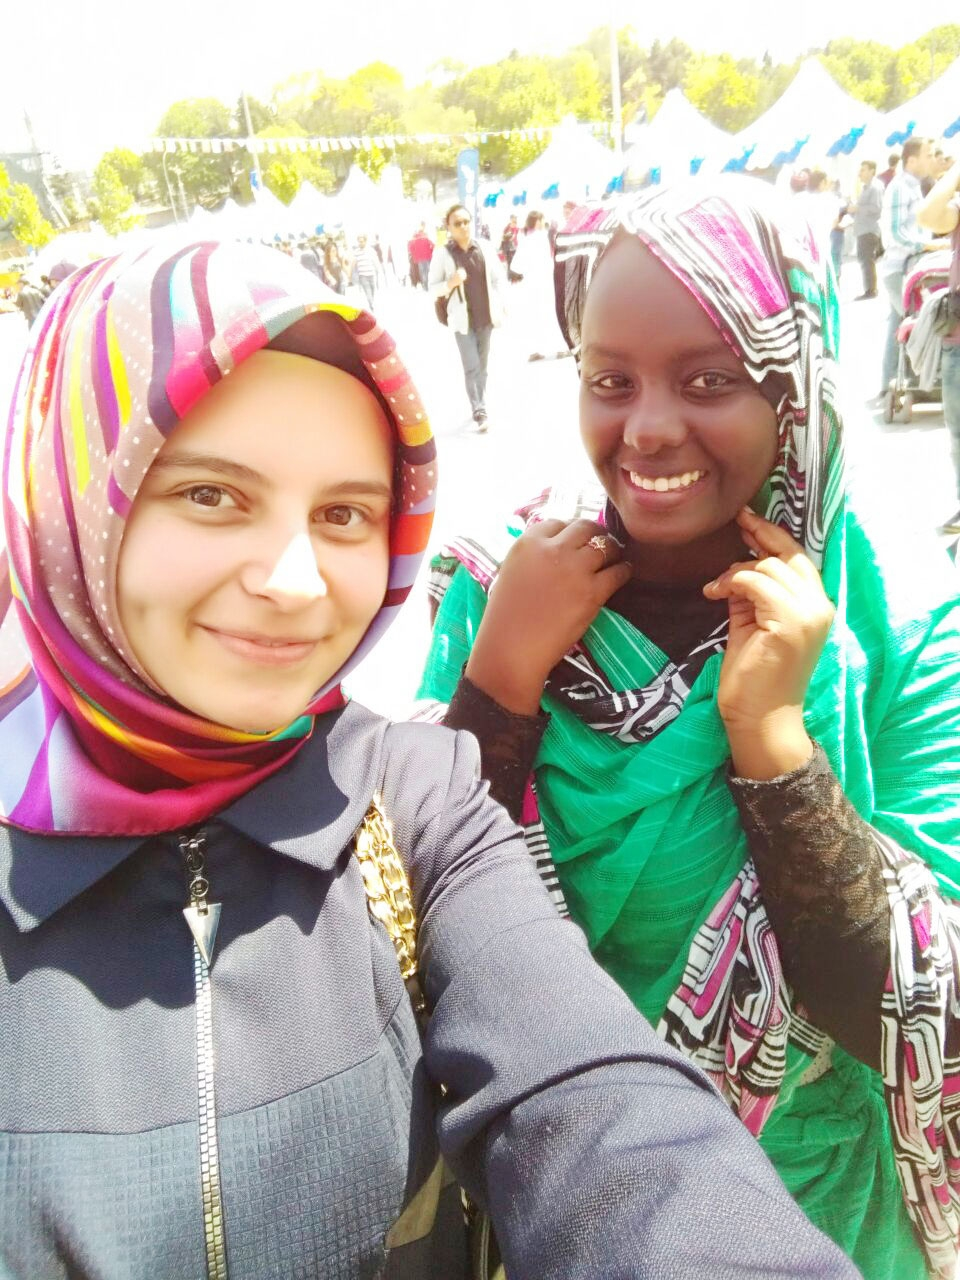 Ümmetin gençleri Türkiye'de buluşuyor 16